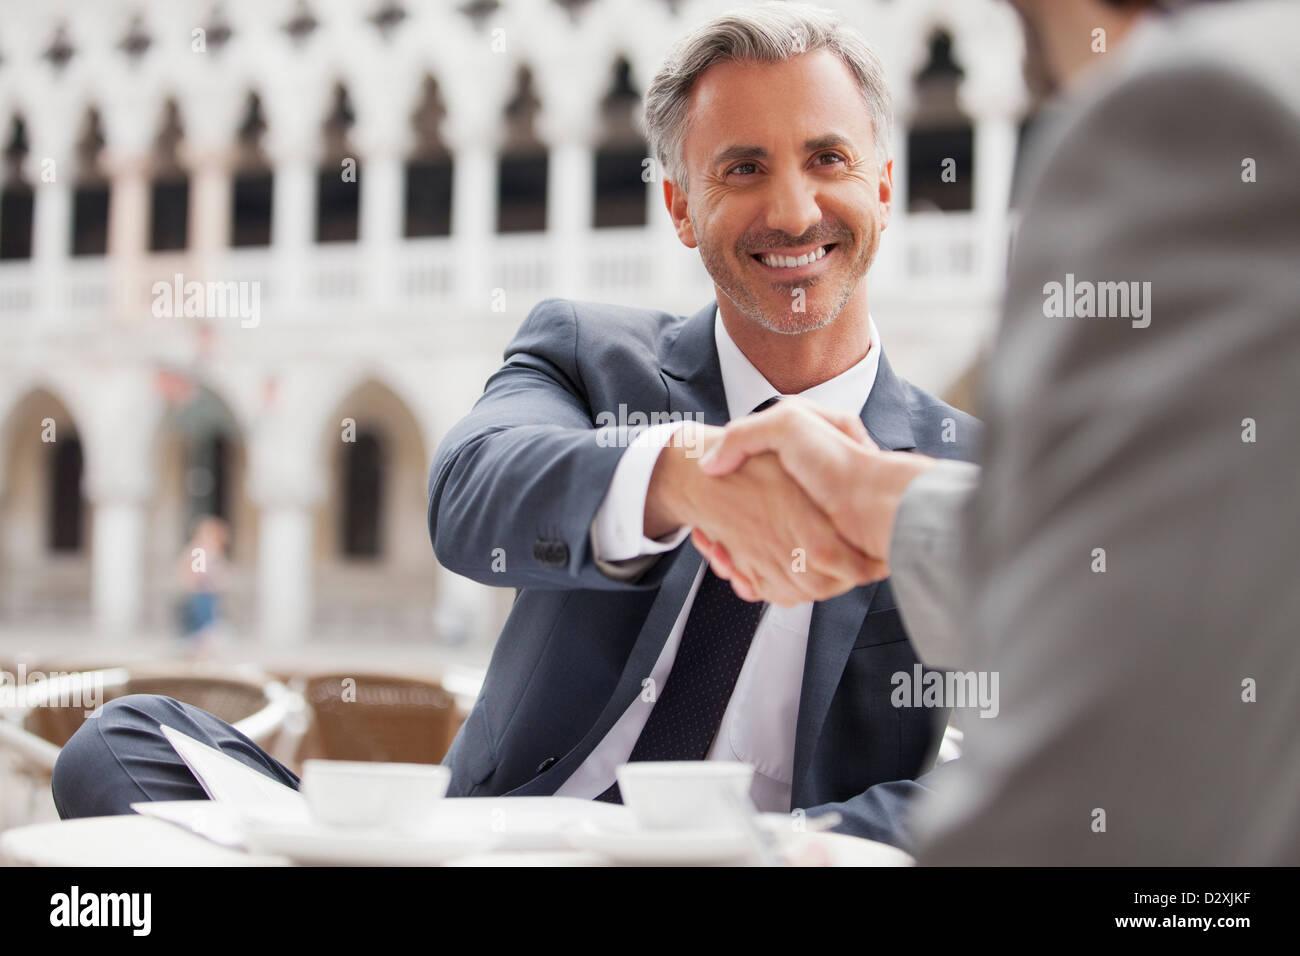 Smiling businessmen shaking hands at sidewalk cafe - Stock Image